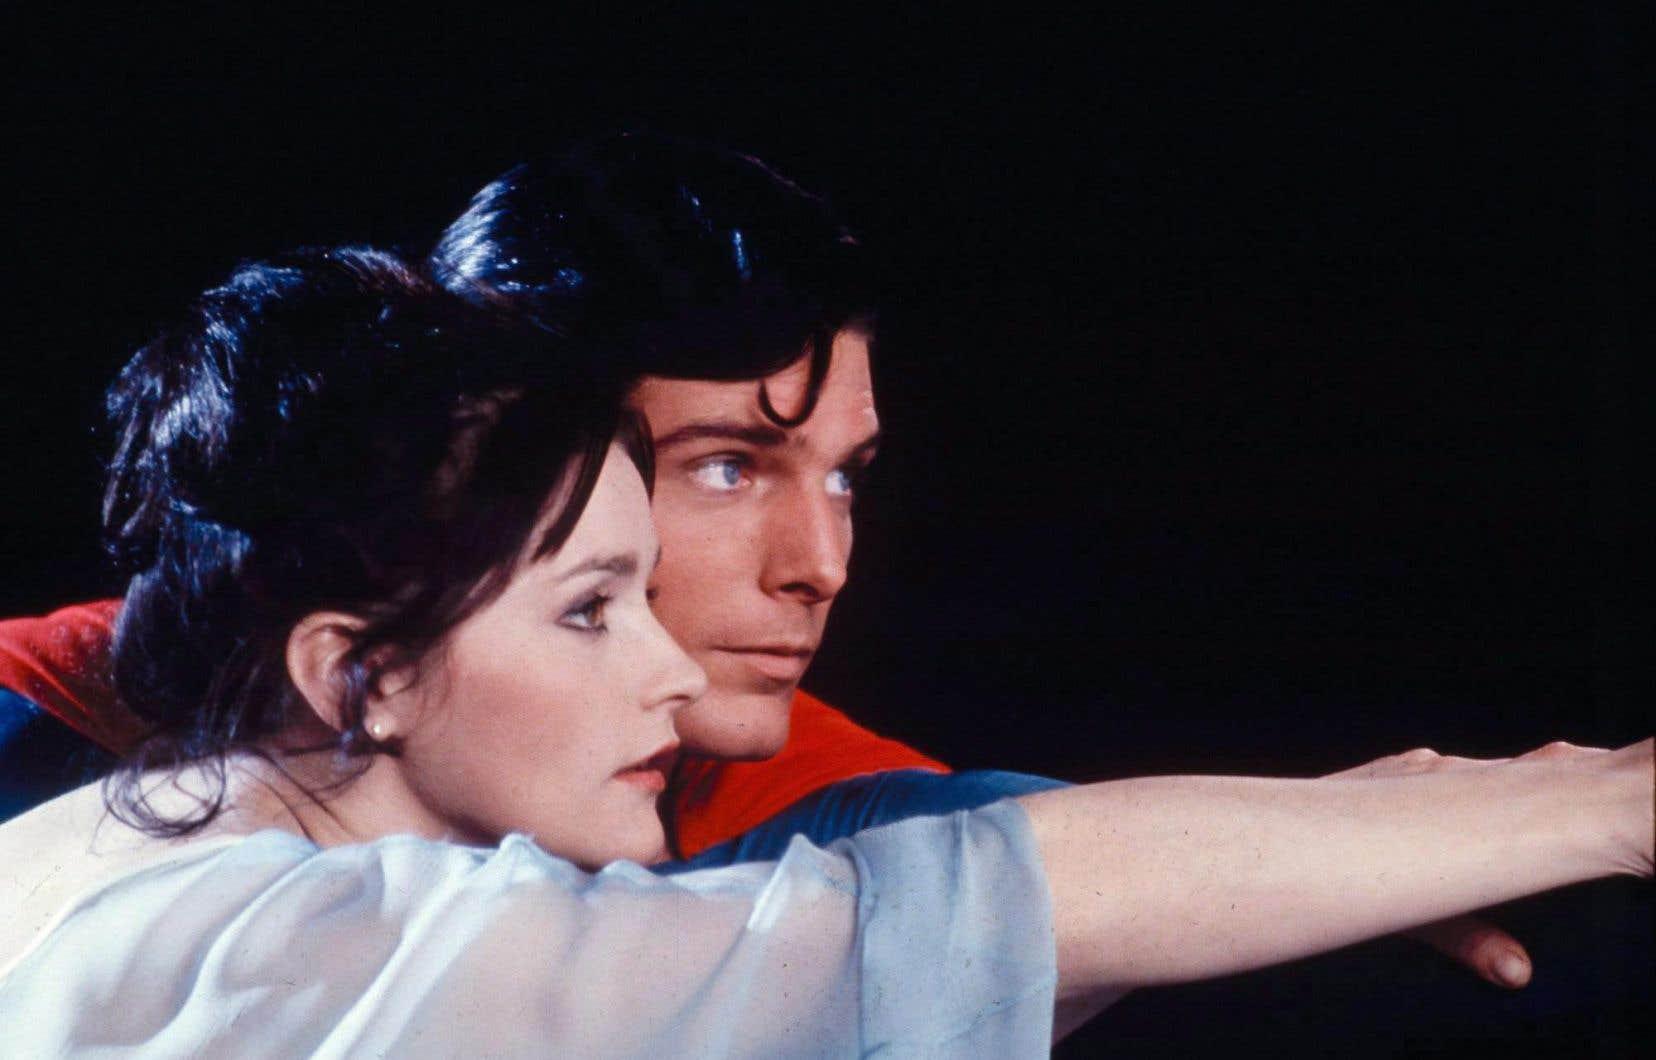 Le personnage de Lois Lane, journaliste intrépide et flamme de Superman, revêtira sans doute à jamais les traits de Margot Kidder.